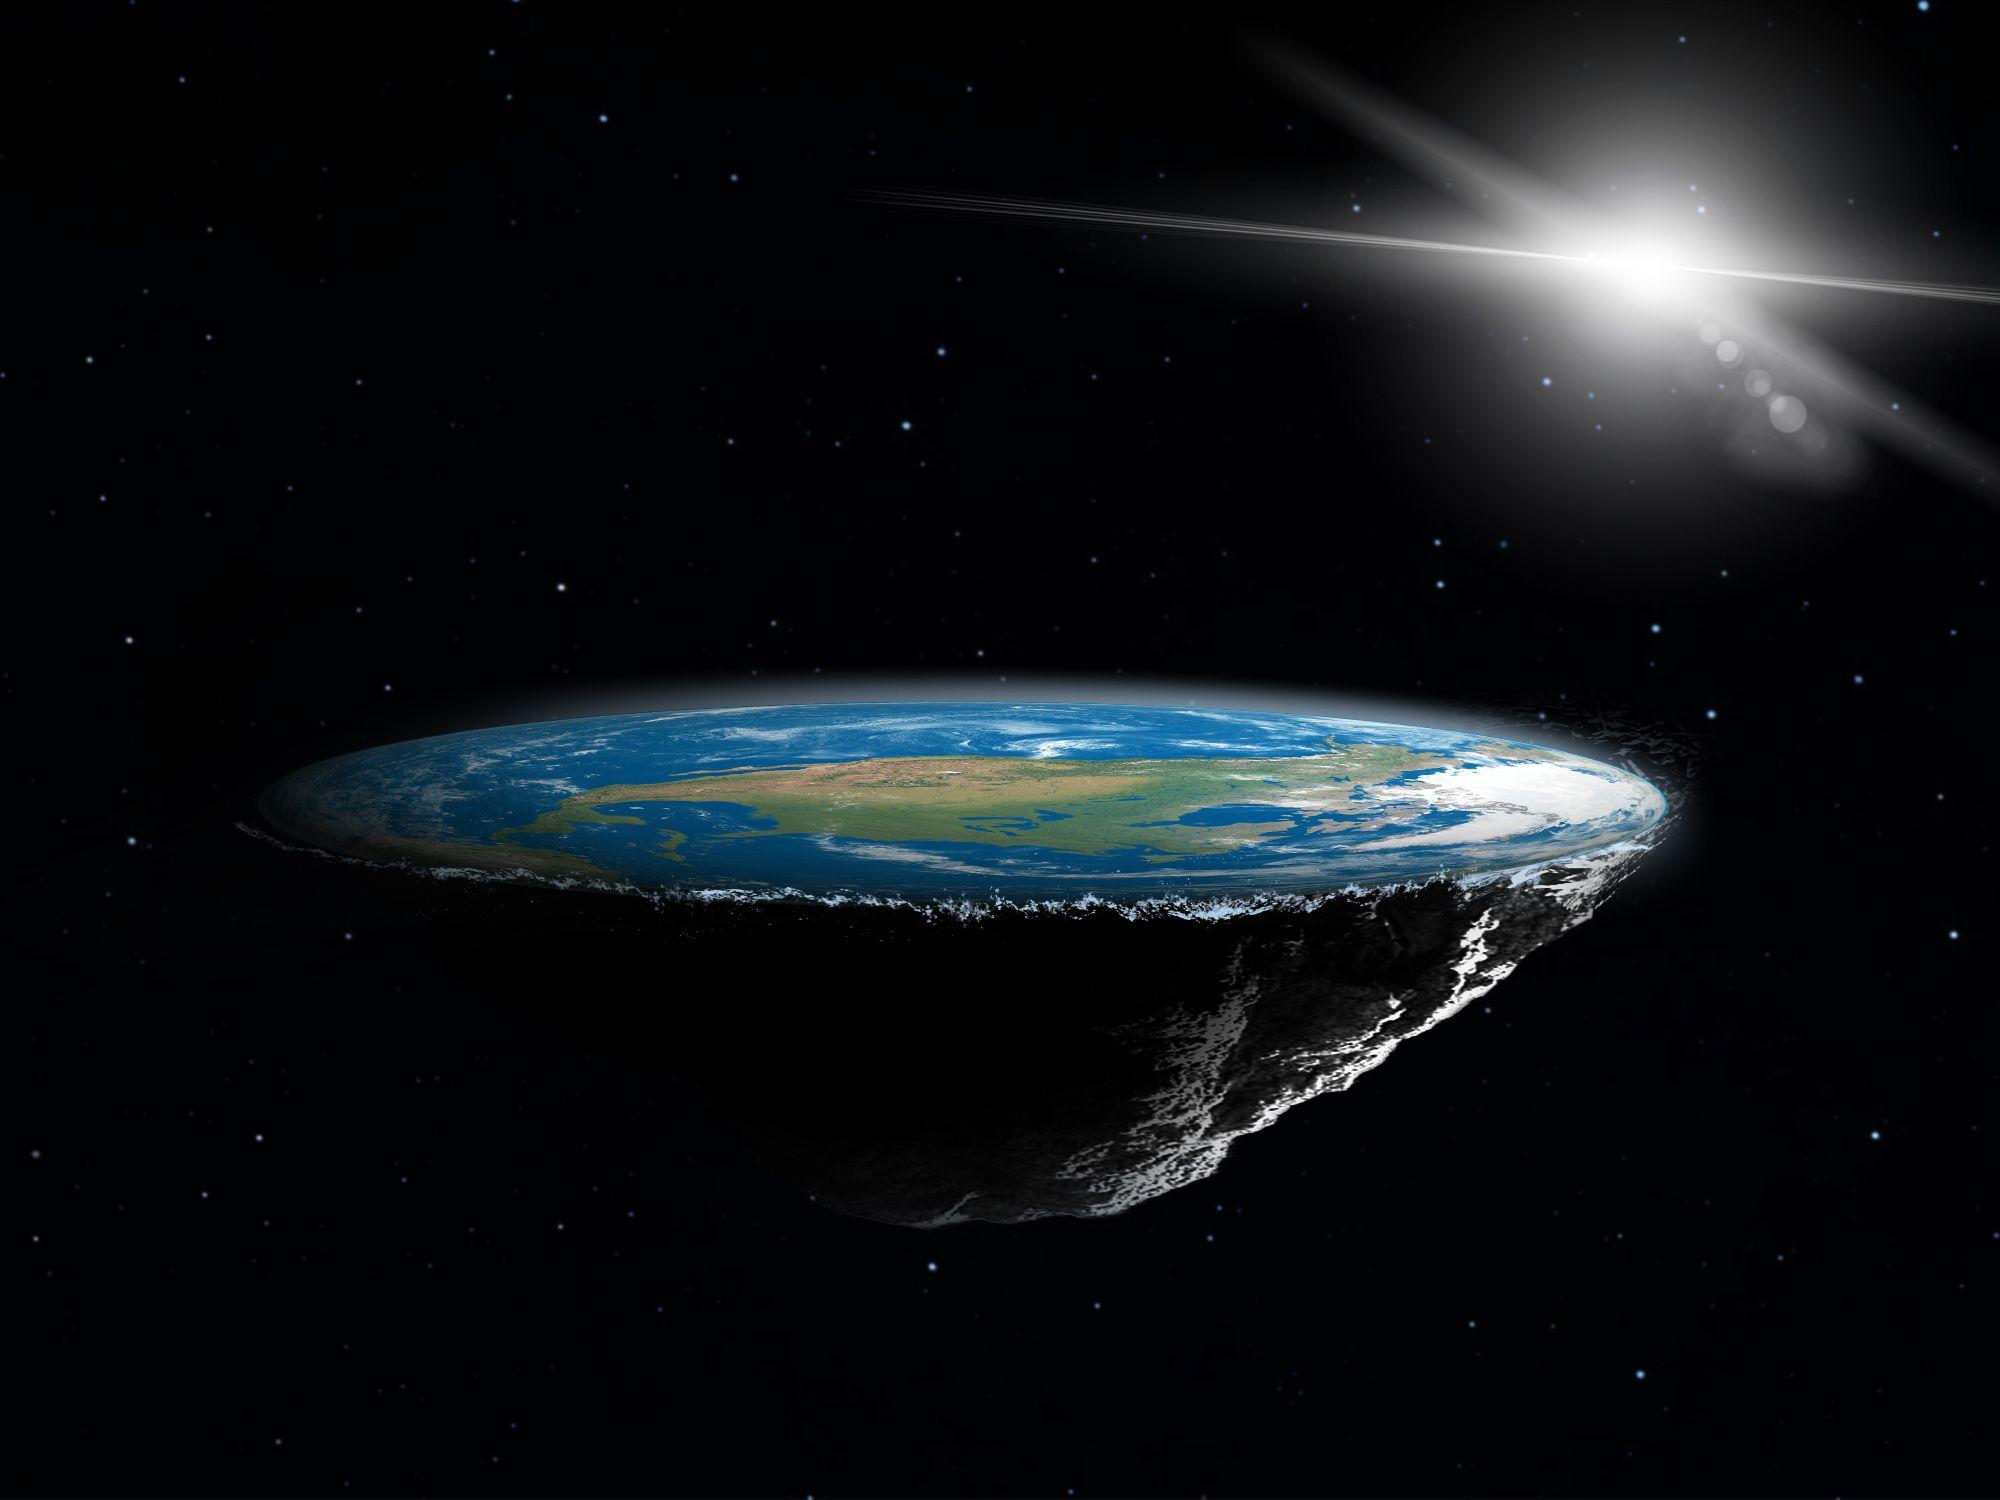 Slike Zemlje iz svemira  - Page 4 Gettyimages-1129638660